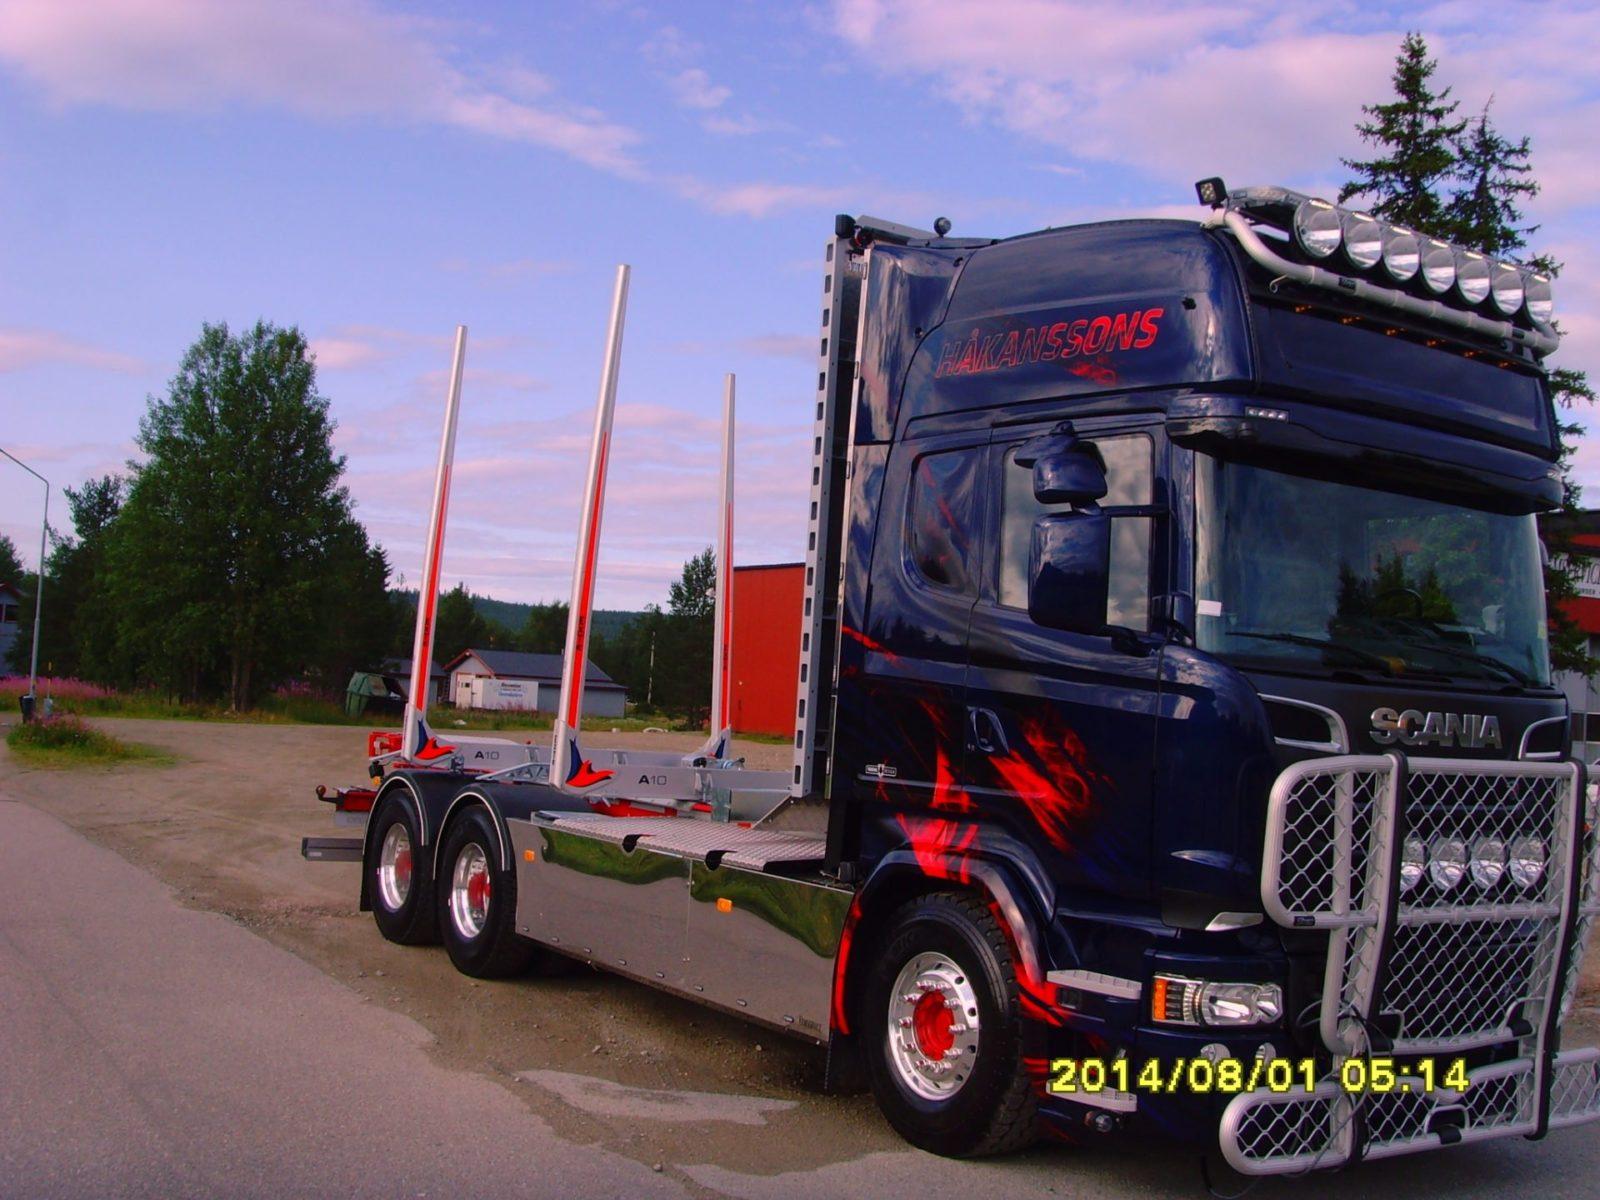 1430432-stefan-hakansson-3